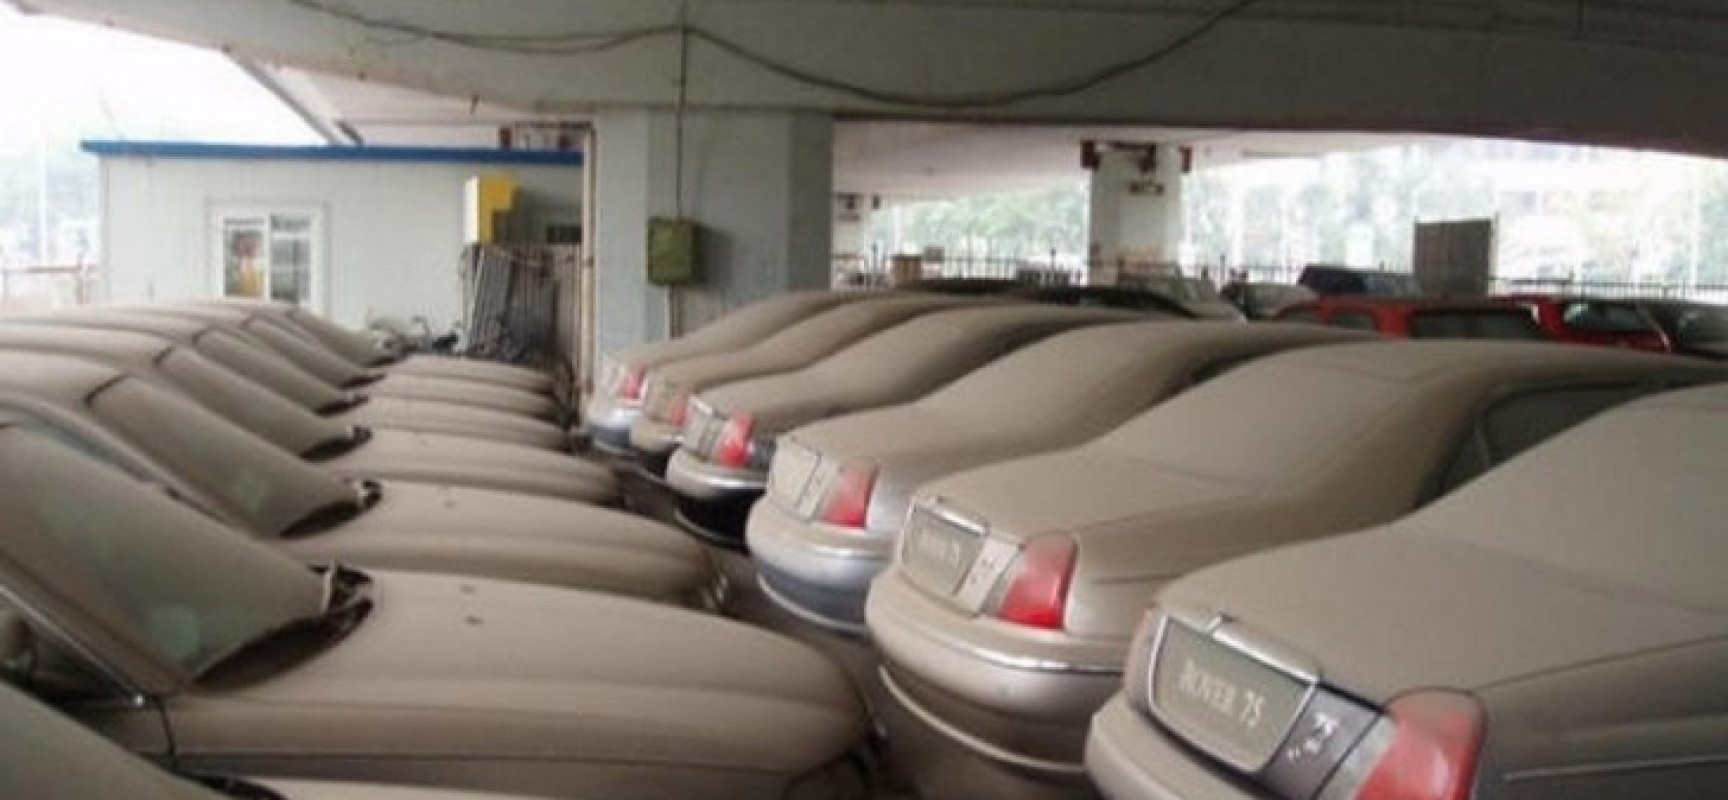 Dove finiscono le auto invendute verde azzurro notizie - Cerco piastrelle fuori produzione ...